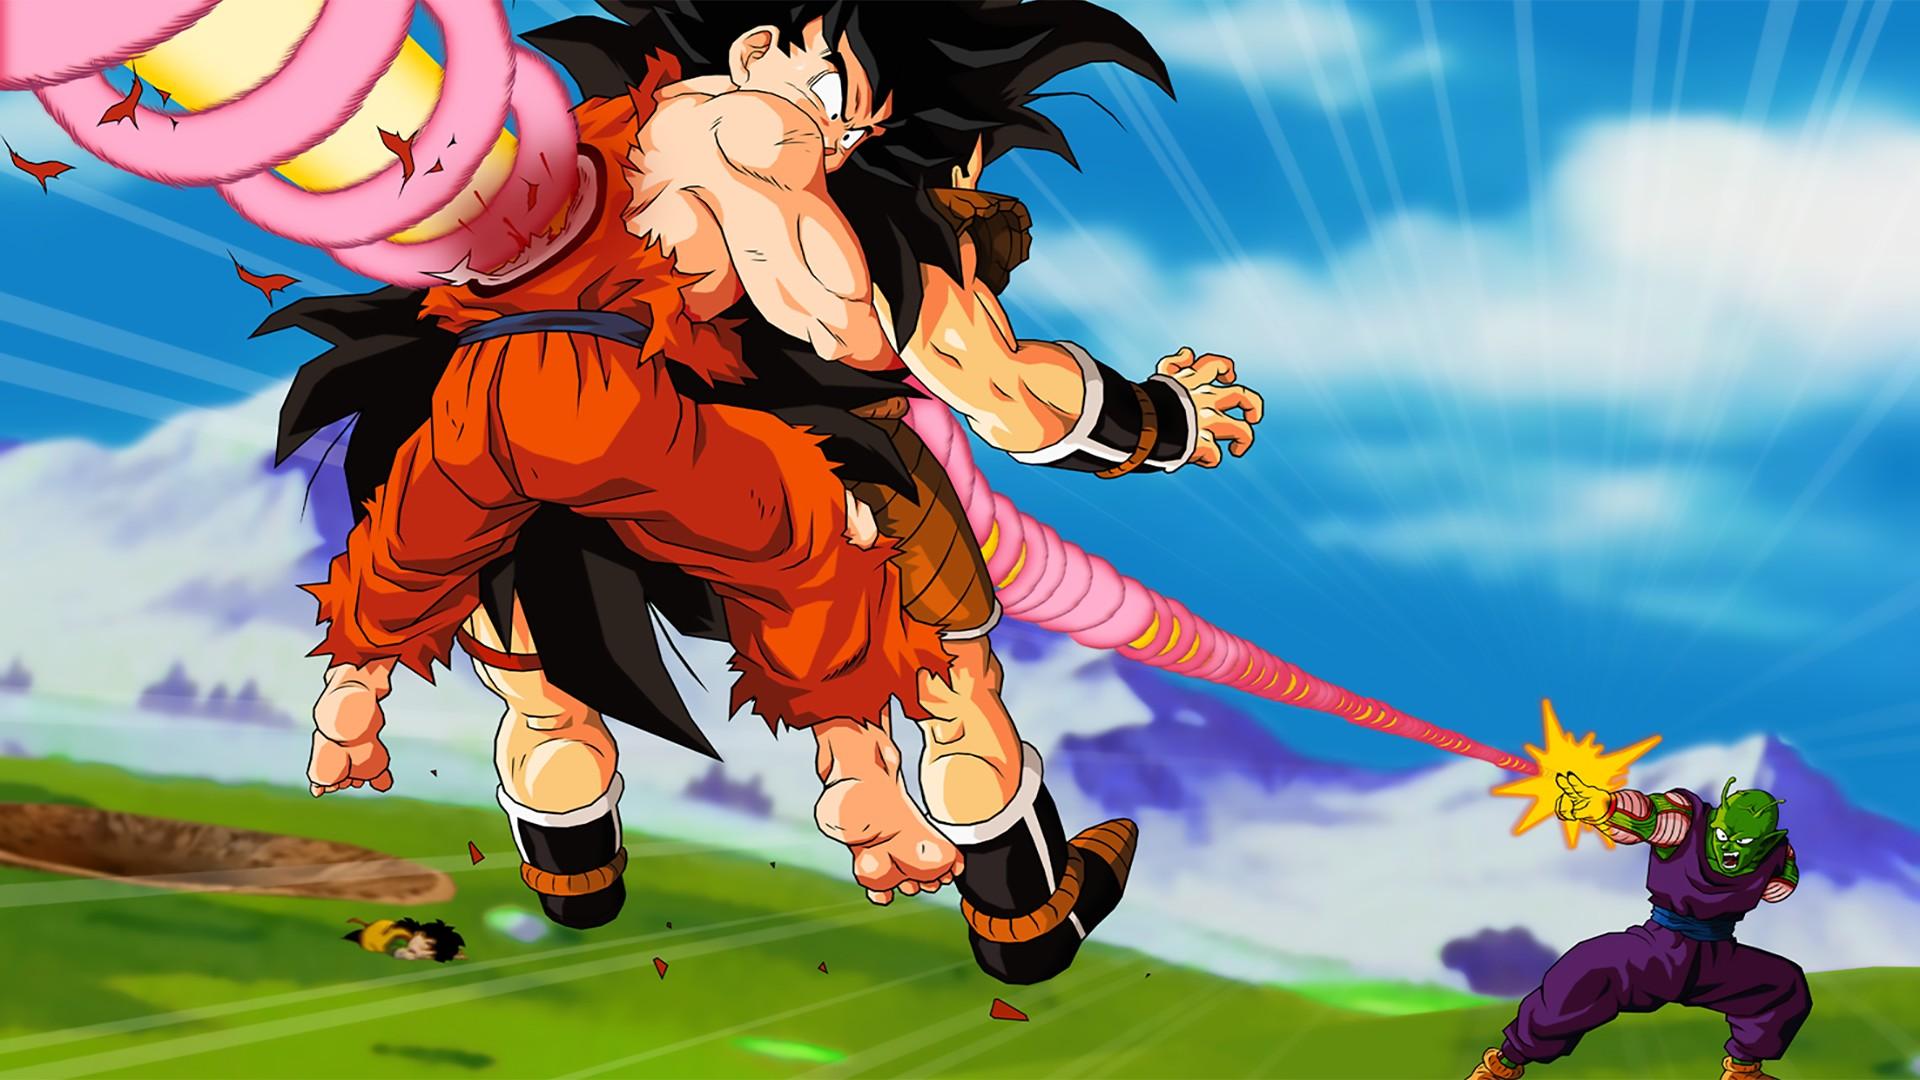 tải ảnh Goku đẹp